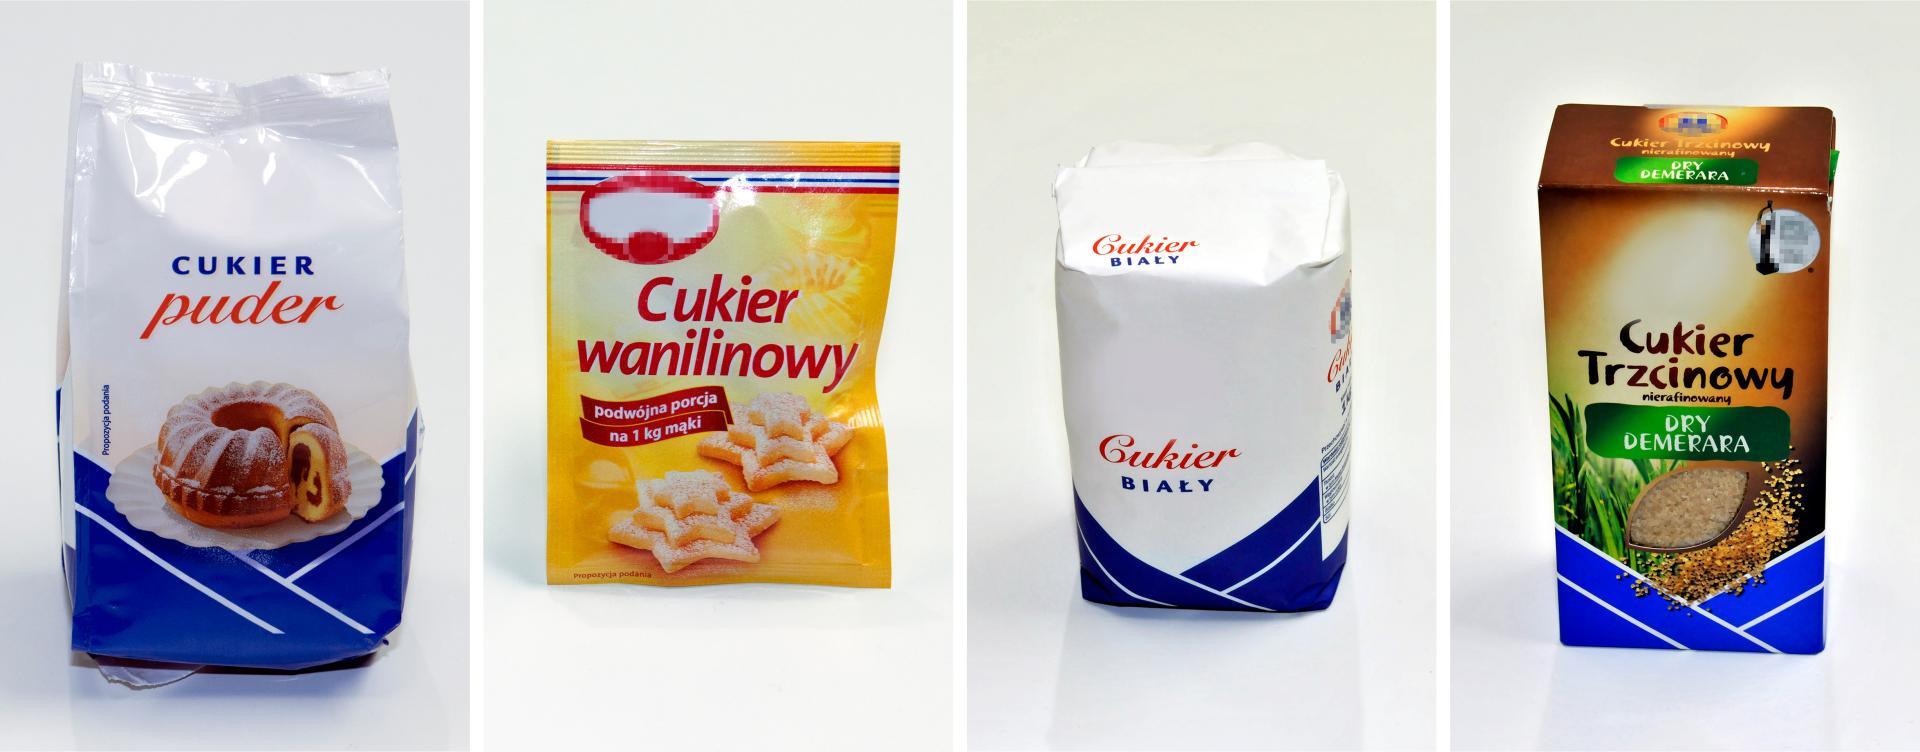 Na pierwszym zdjęciu widać cukier puder. Na drugim zdjęciu widać cukier wanilinowy. Na trzecim zdjęciu widać cukier biały, ana czwartym zdjęciu widać cukier trzcinowy